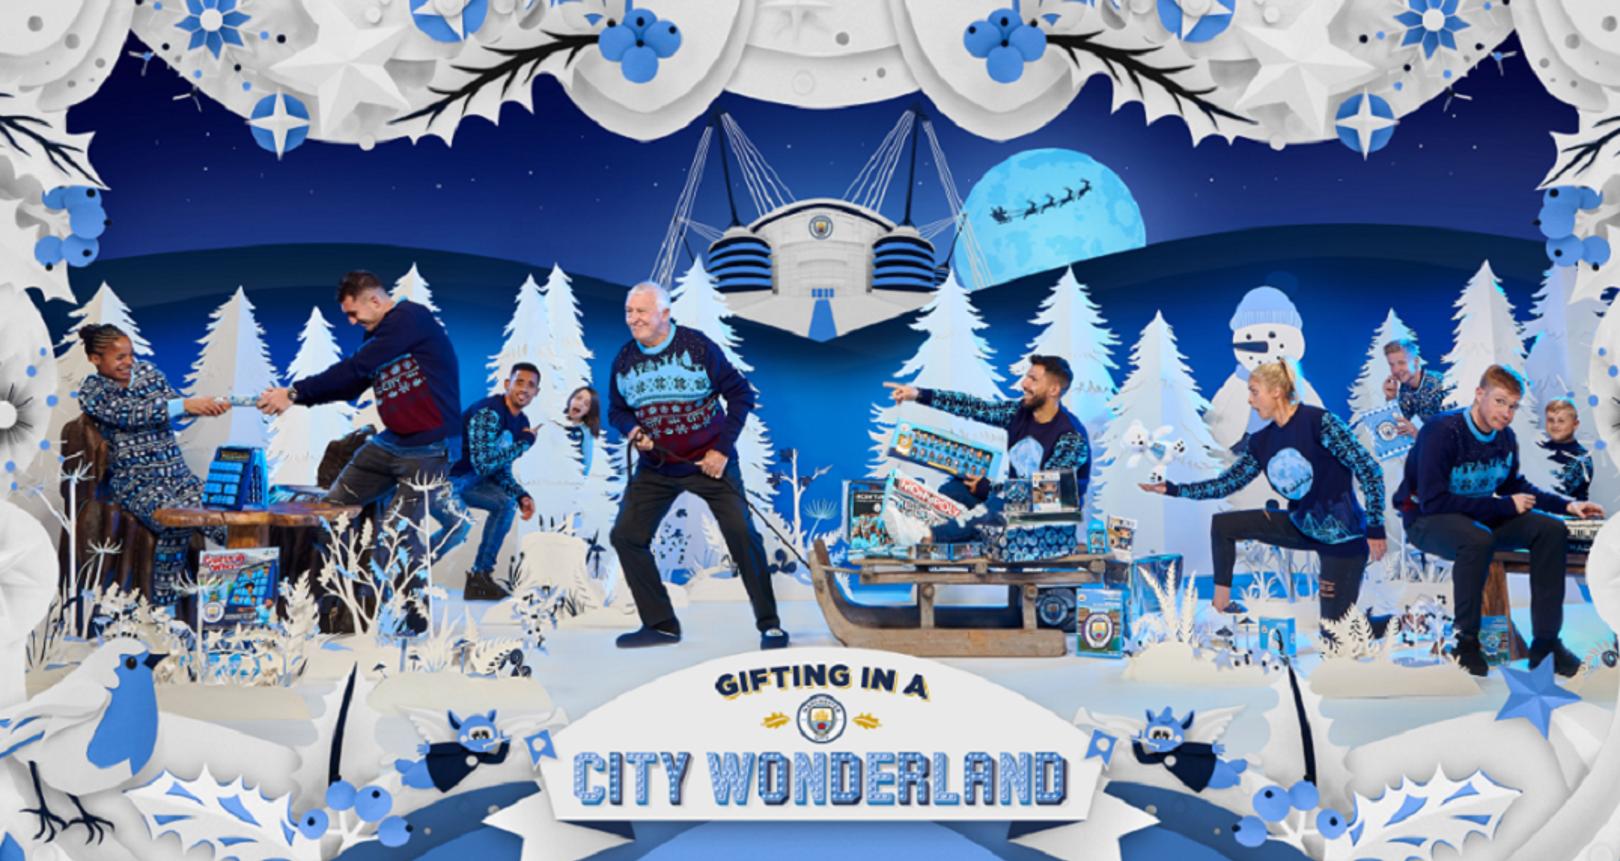 시티의 크리스마스 캠페인